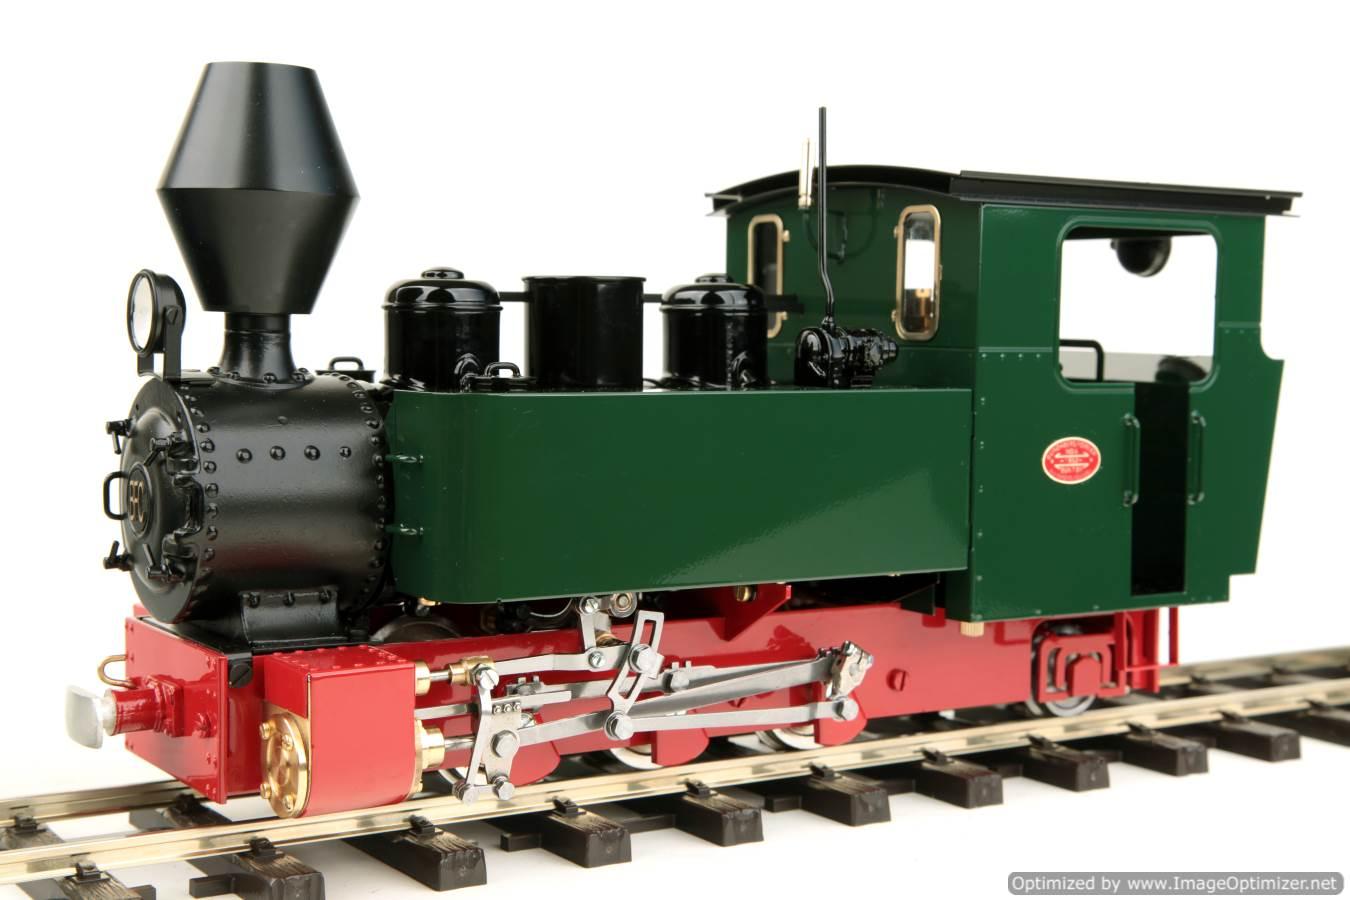 test Bundaberg Roundhouse locomotive for sale 03 -Optimized